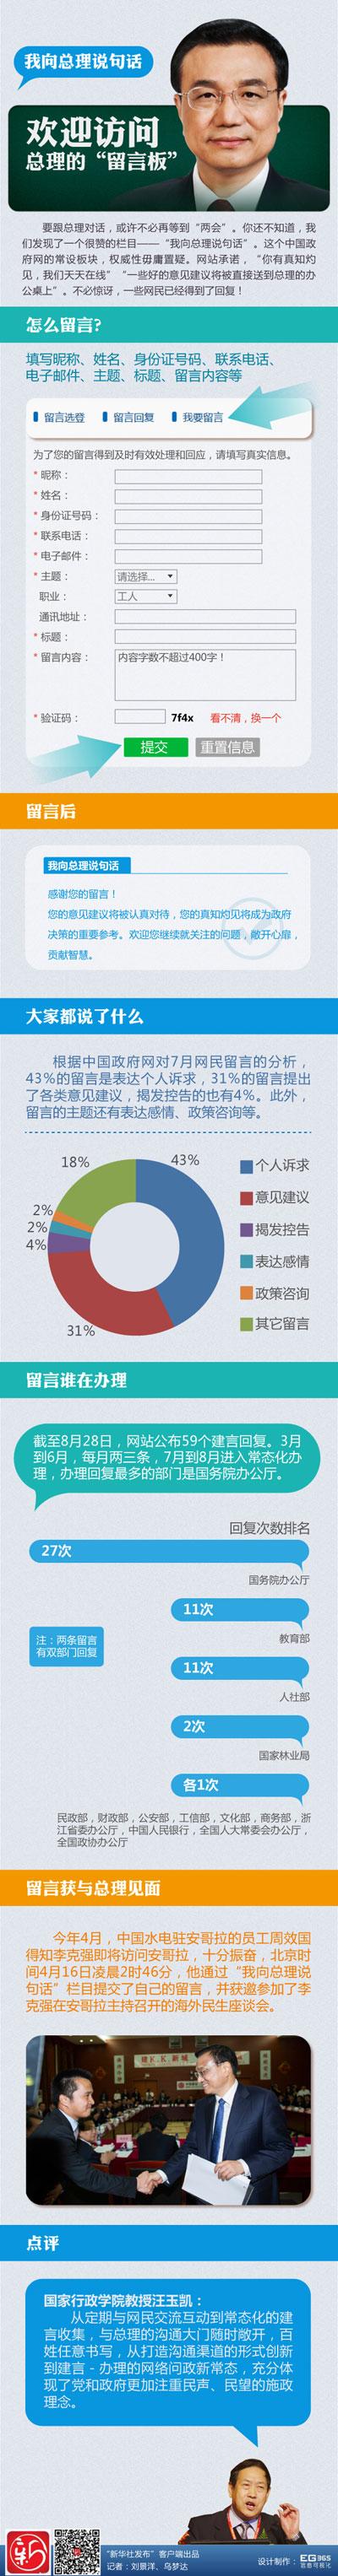 中国政府网常设总理留言板